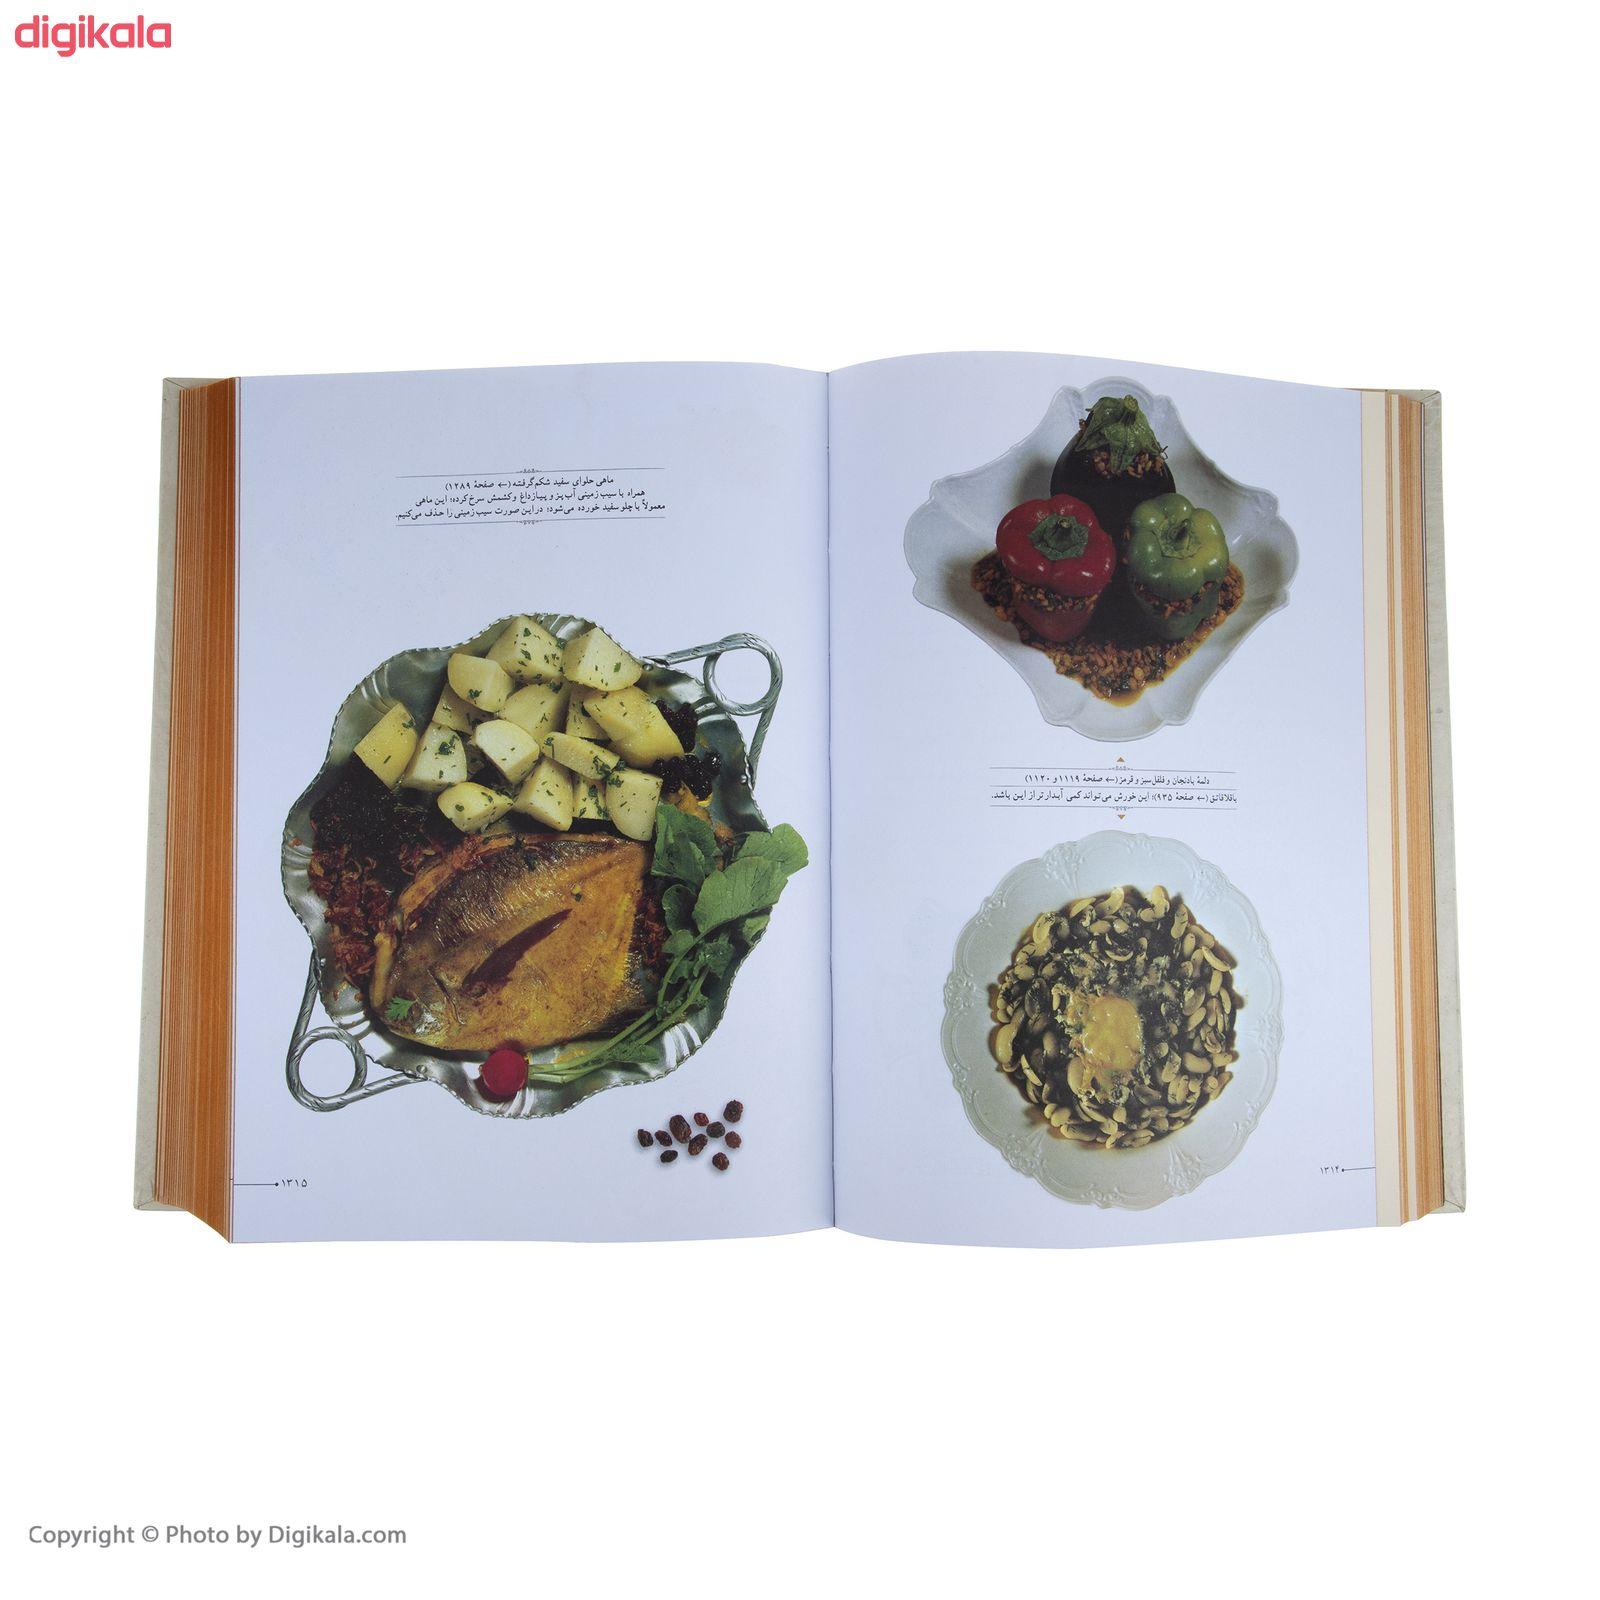 کتاب مستطاب آشپزی از سیر تا پیاز اثر نجف دریابندری دو جلدی main 1 10